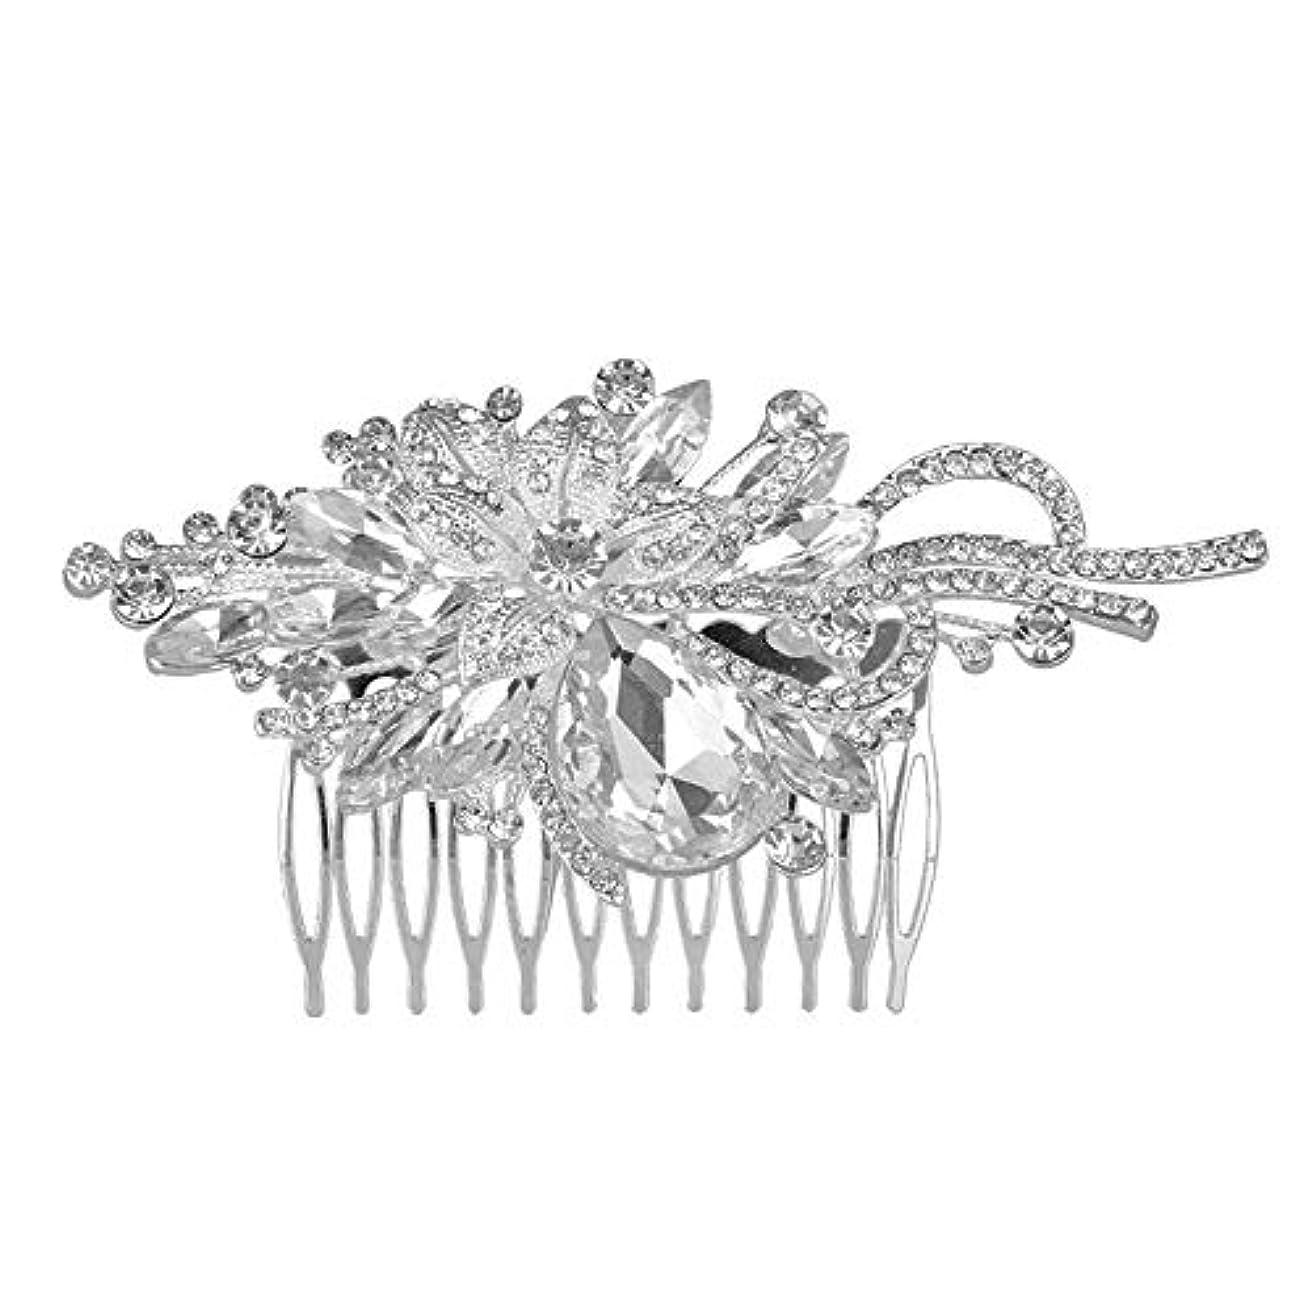 重さ値してはいけない髪の櫛挿入櫛花嫁の髪櫛クラウン髪の櫛結婚式のアクセサリー葉の髪の櫛ラインストーンの髪の櫛ブライダルヘッドドレス